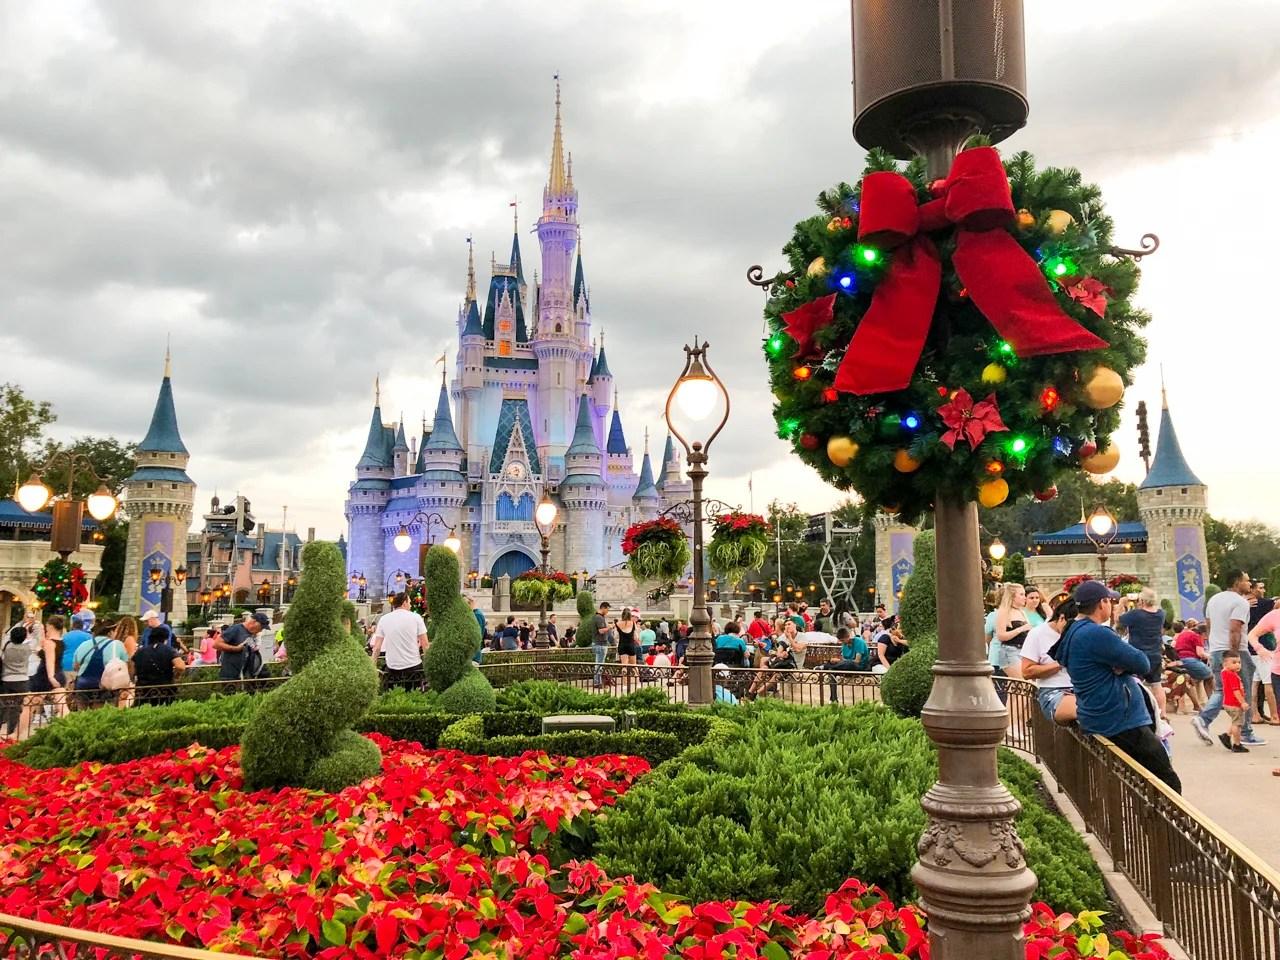 Walt Disney World Christmas.Christmas At Disney World Guaranteed Holiday Magic